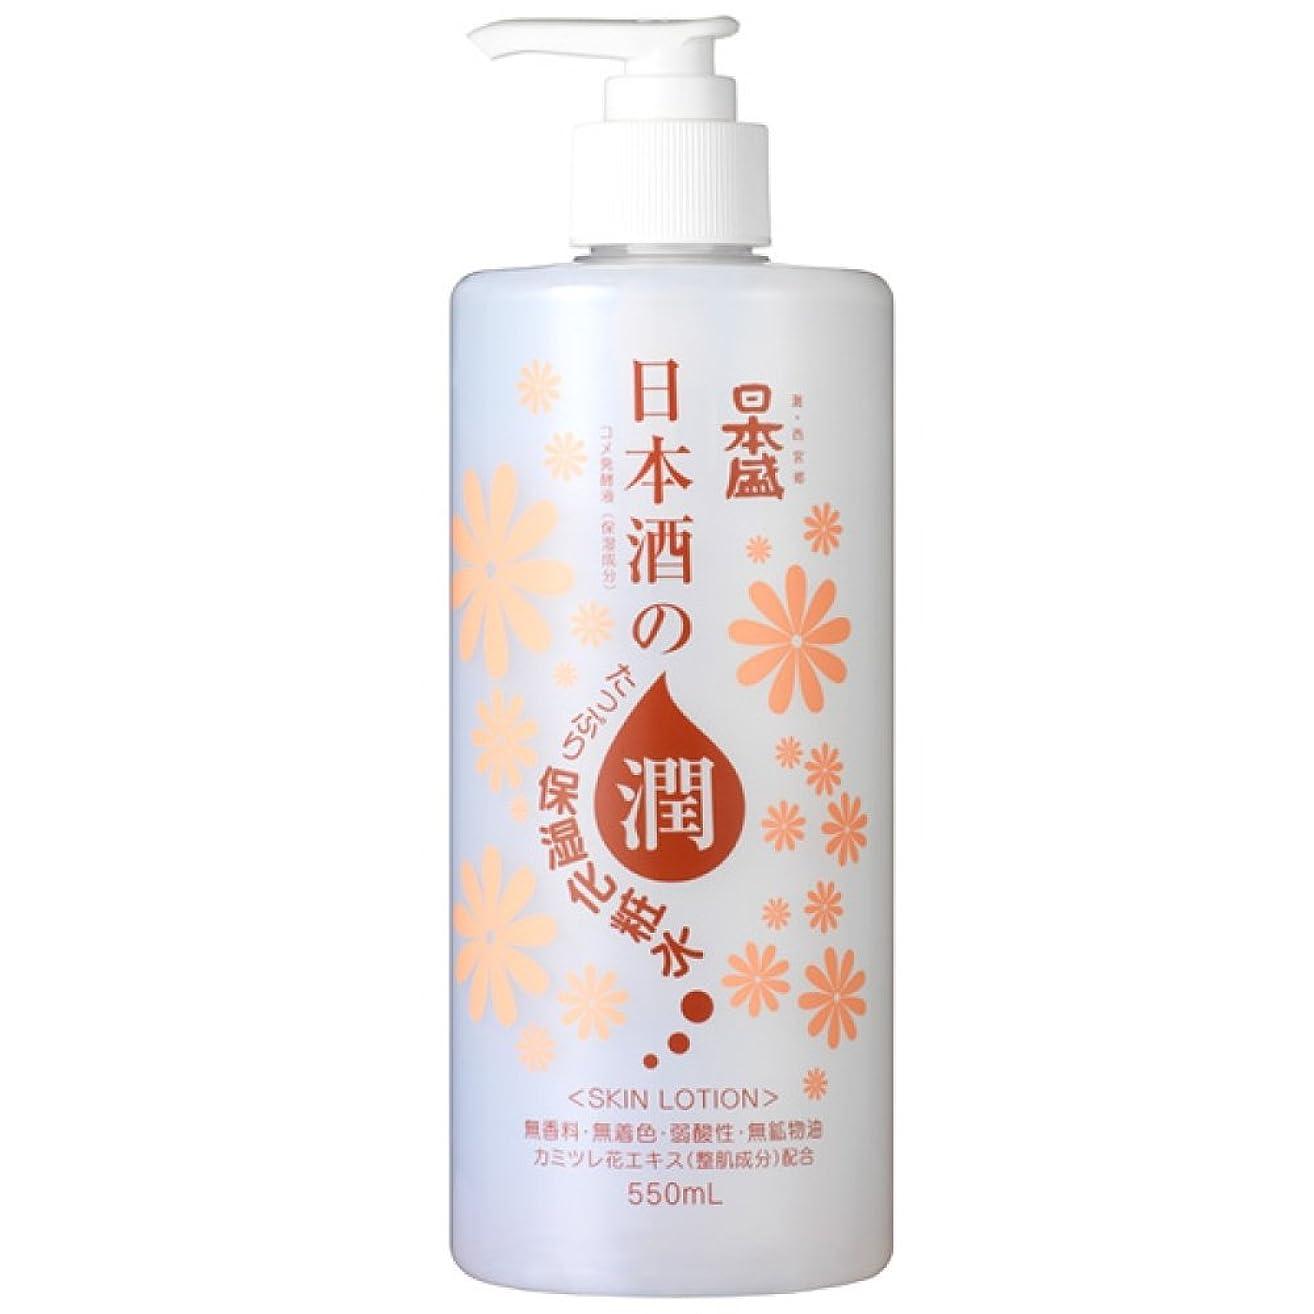 ベールポルノ七時半日本酒のたっぷり保湿化粧水 550ml